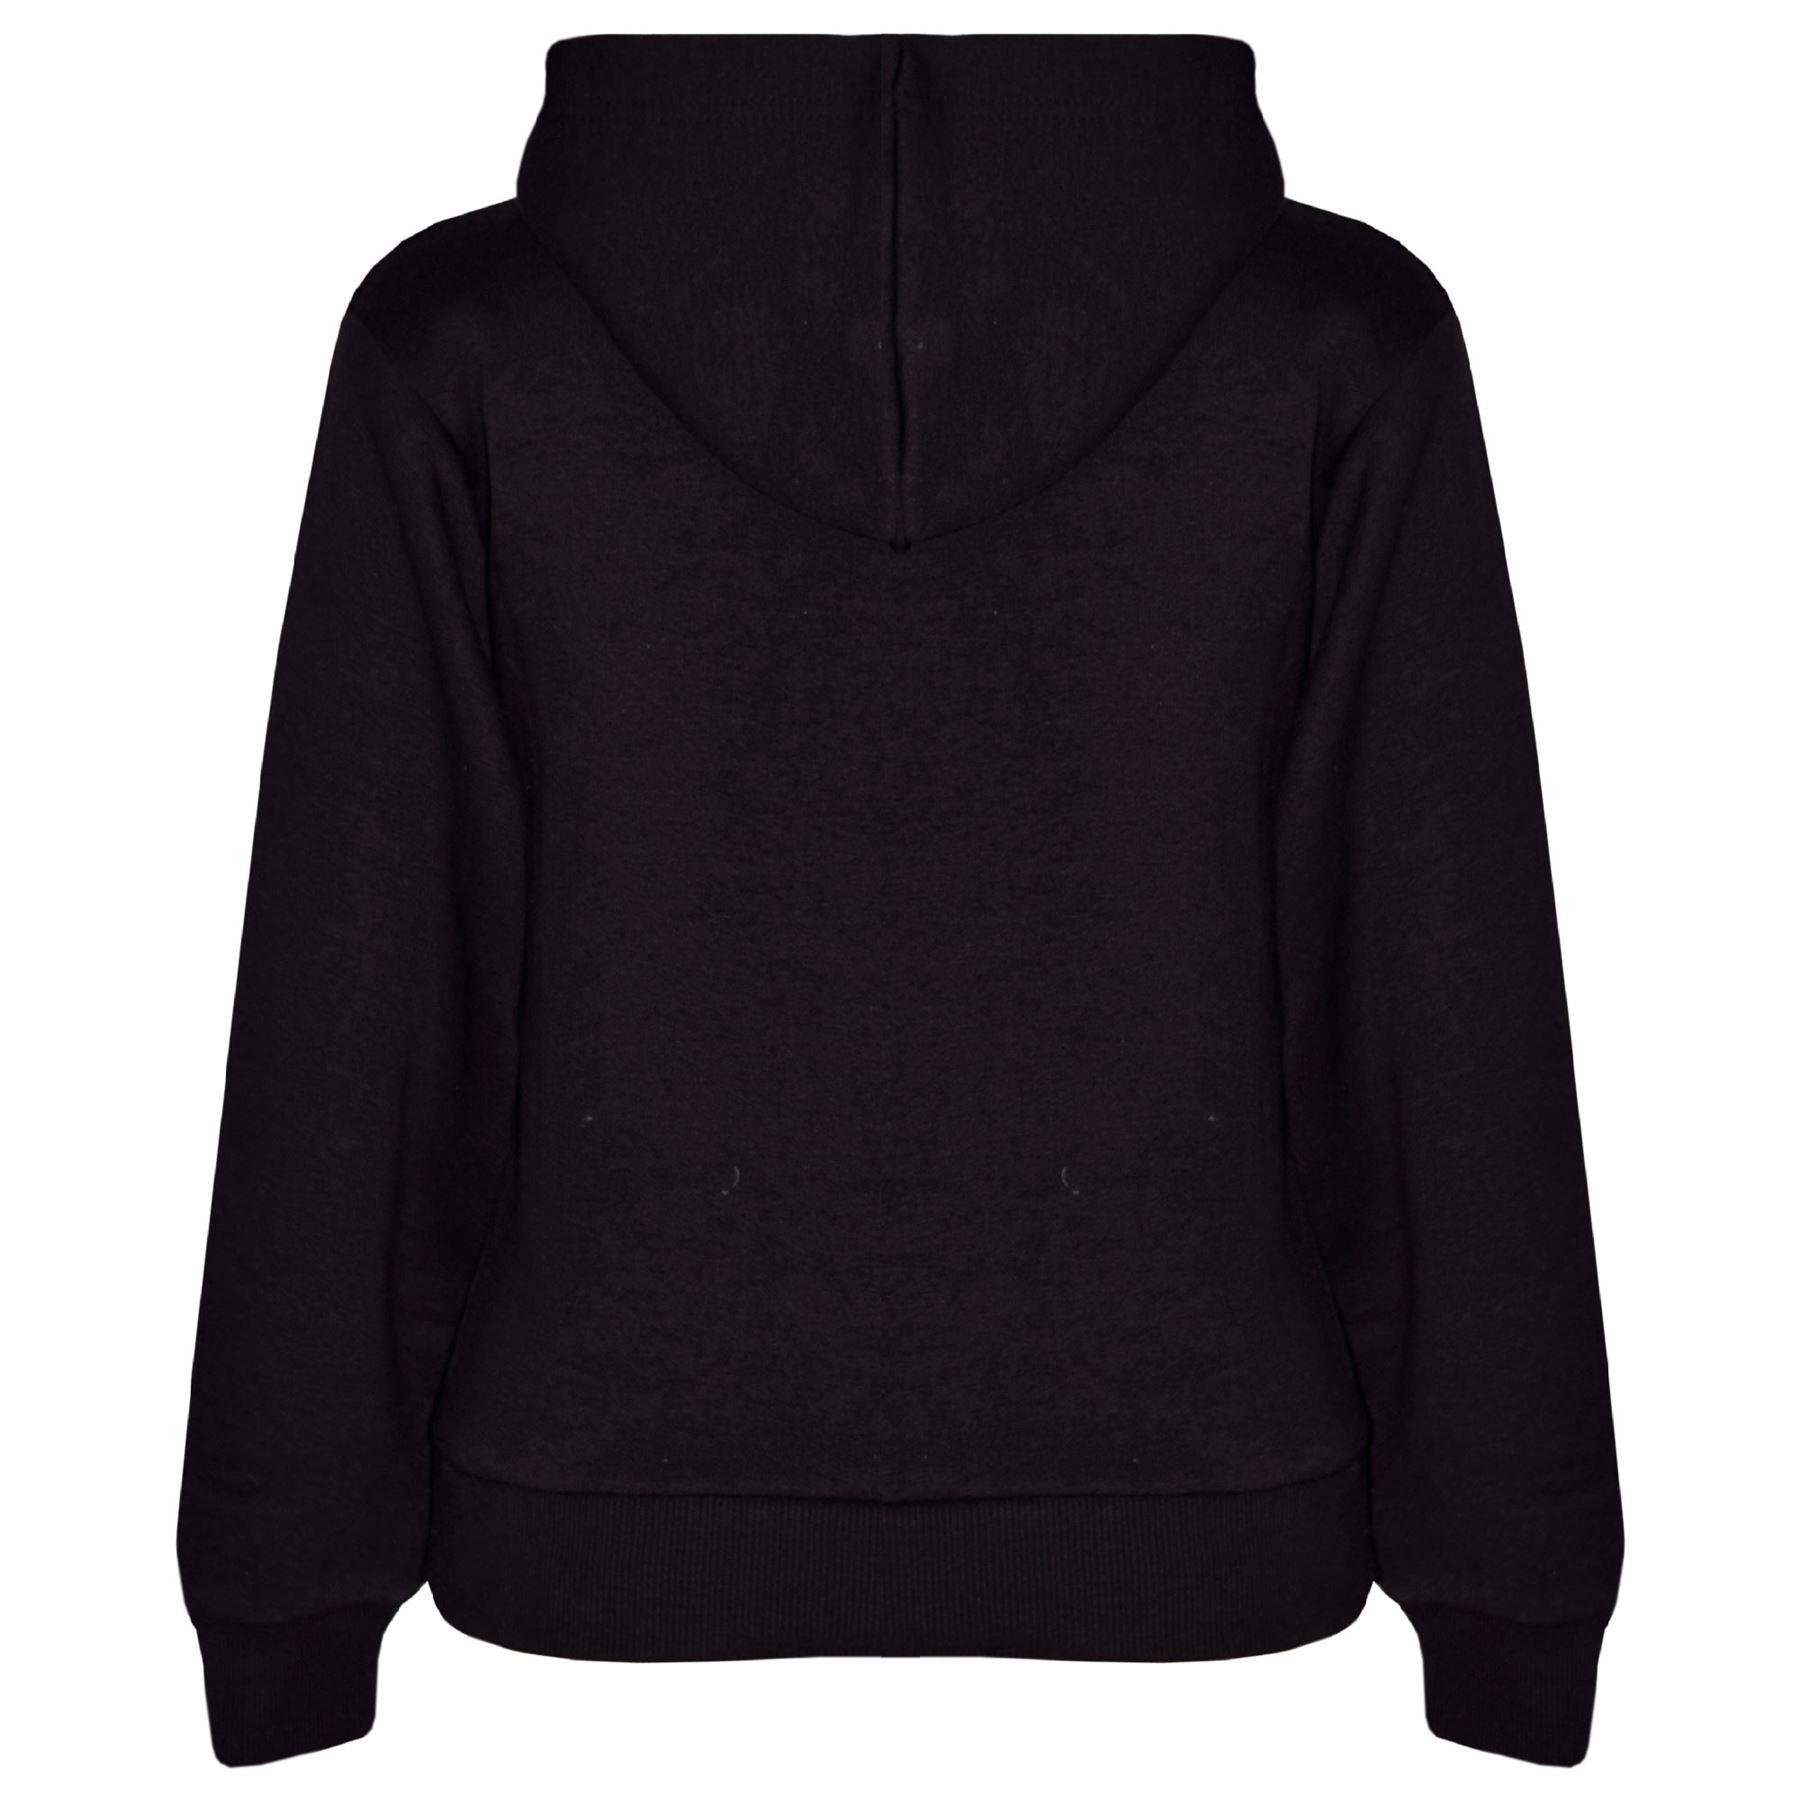 Garçons filles enfants hiver à capuche Hoodies Pull Sweater Top Veste chemise polaire nouveau